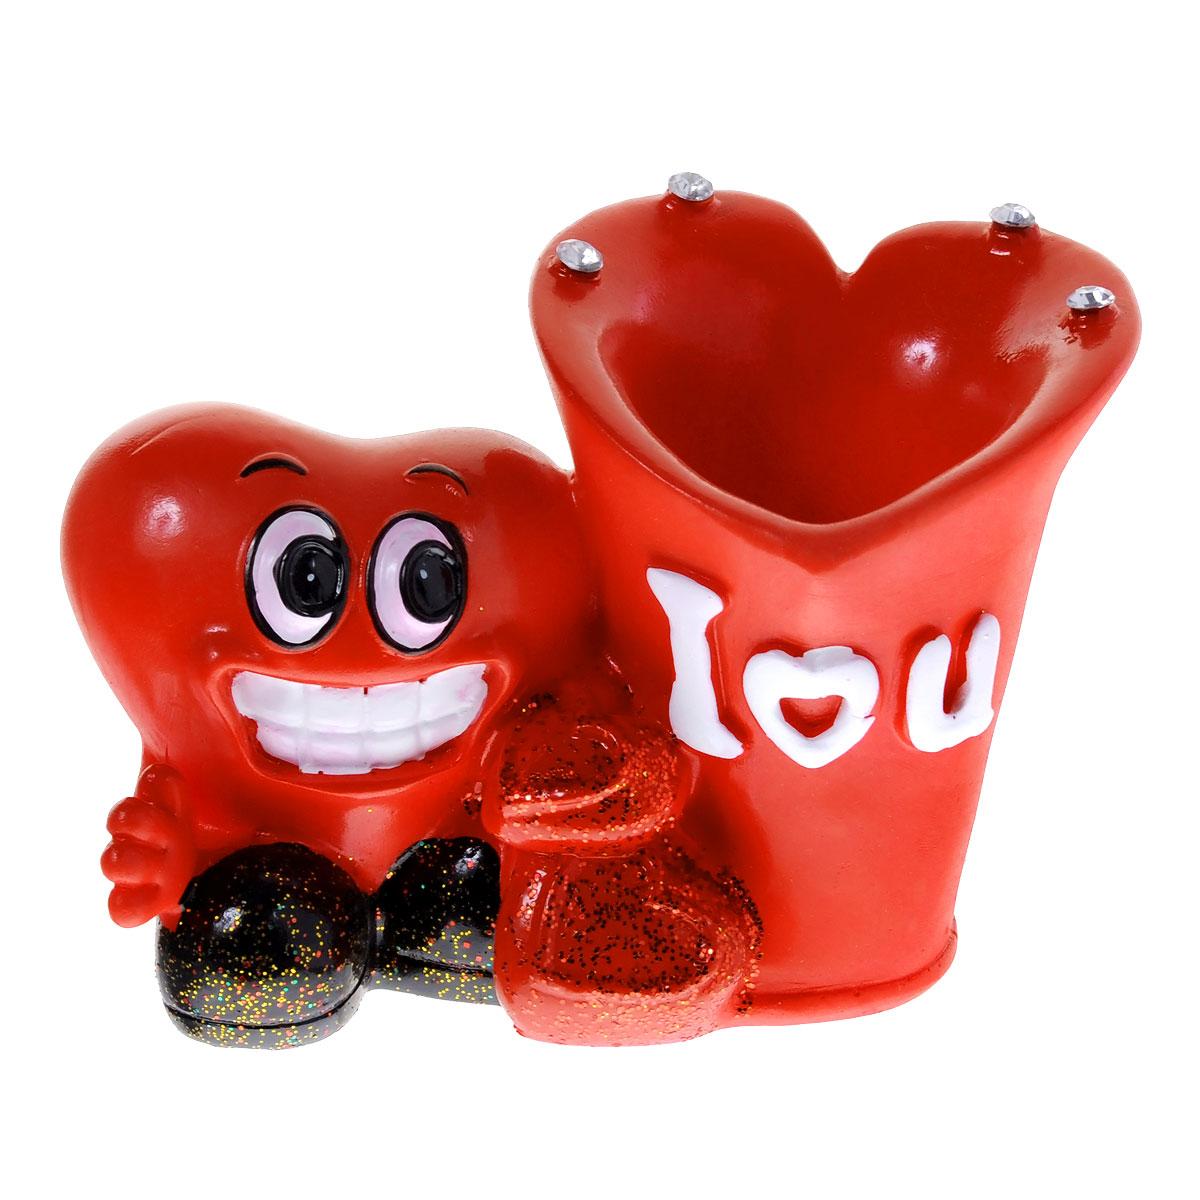 Подставка под зубочистки Home Queen Праздничная, цвет: красный. 6041260412Подставка под зубочистки Home Queen Праздничная изготовлена из полирезины. Изделие выполнено в форме сердца и стаканчика под зубочистки. Подставка украшена стразами и блестками. Такая подставка под зубочистки станет не только приятным подарком, но и практичным сувениром.